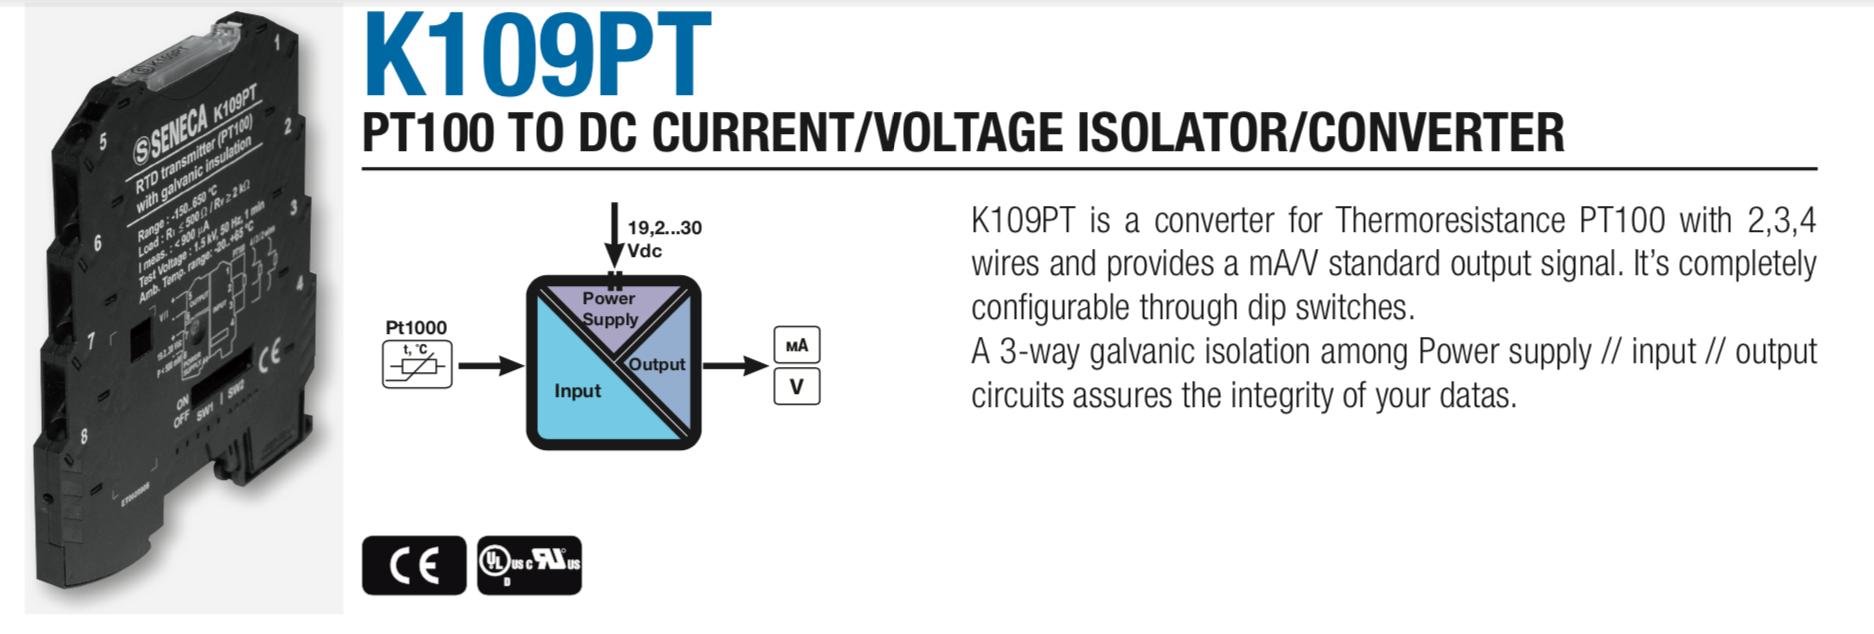 Bộ chuyển đổi nhiệt độ gắn tủ điện K109PT